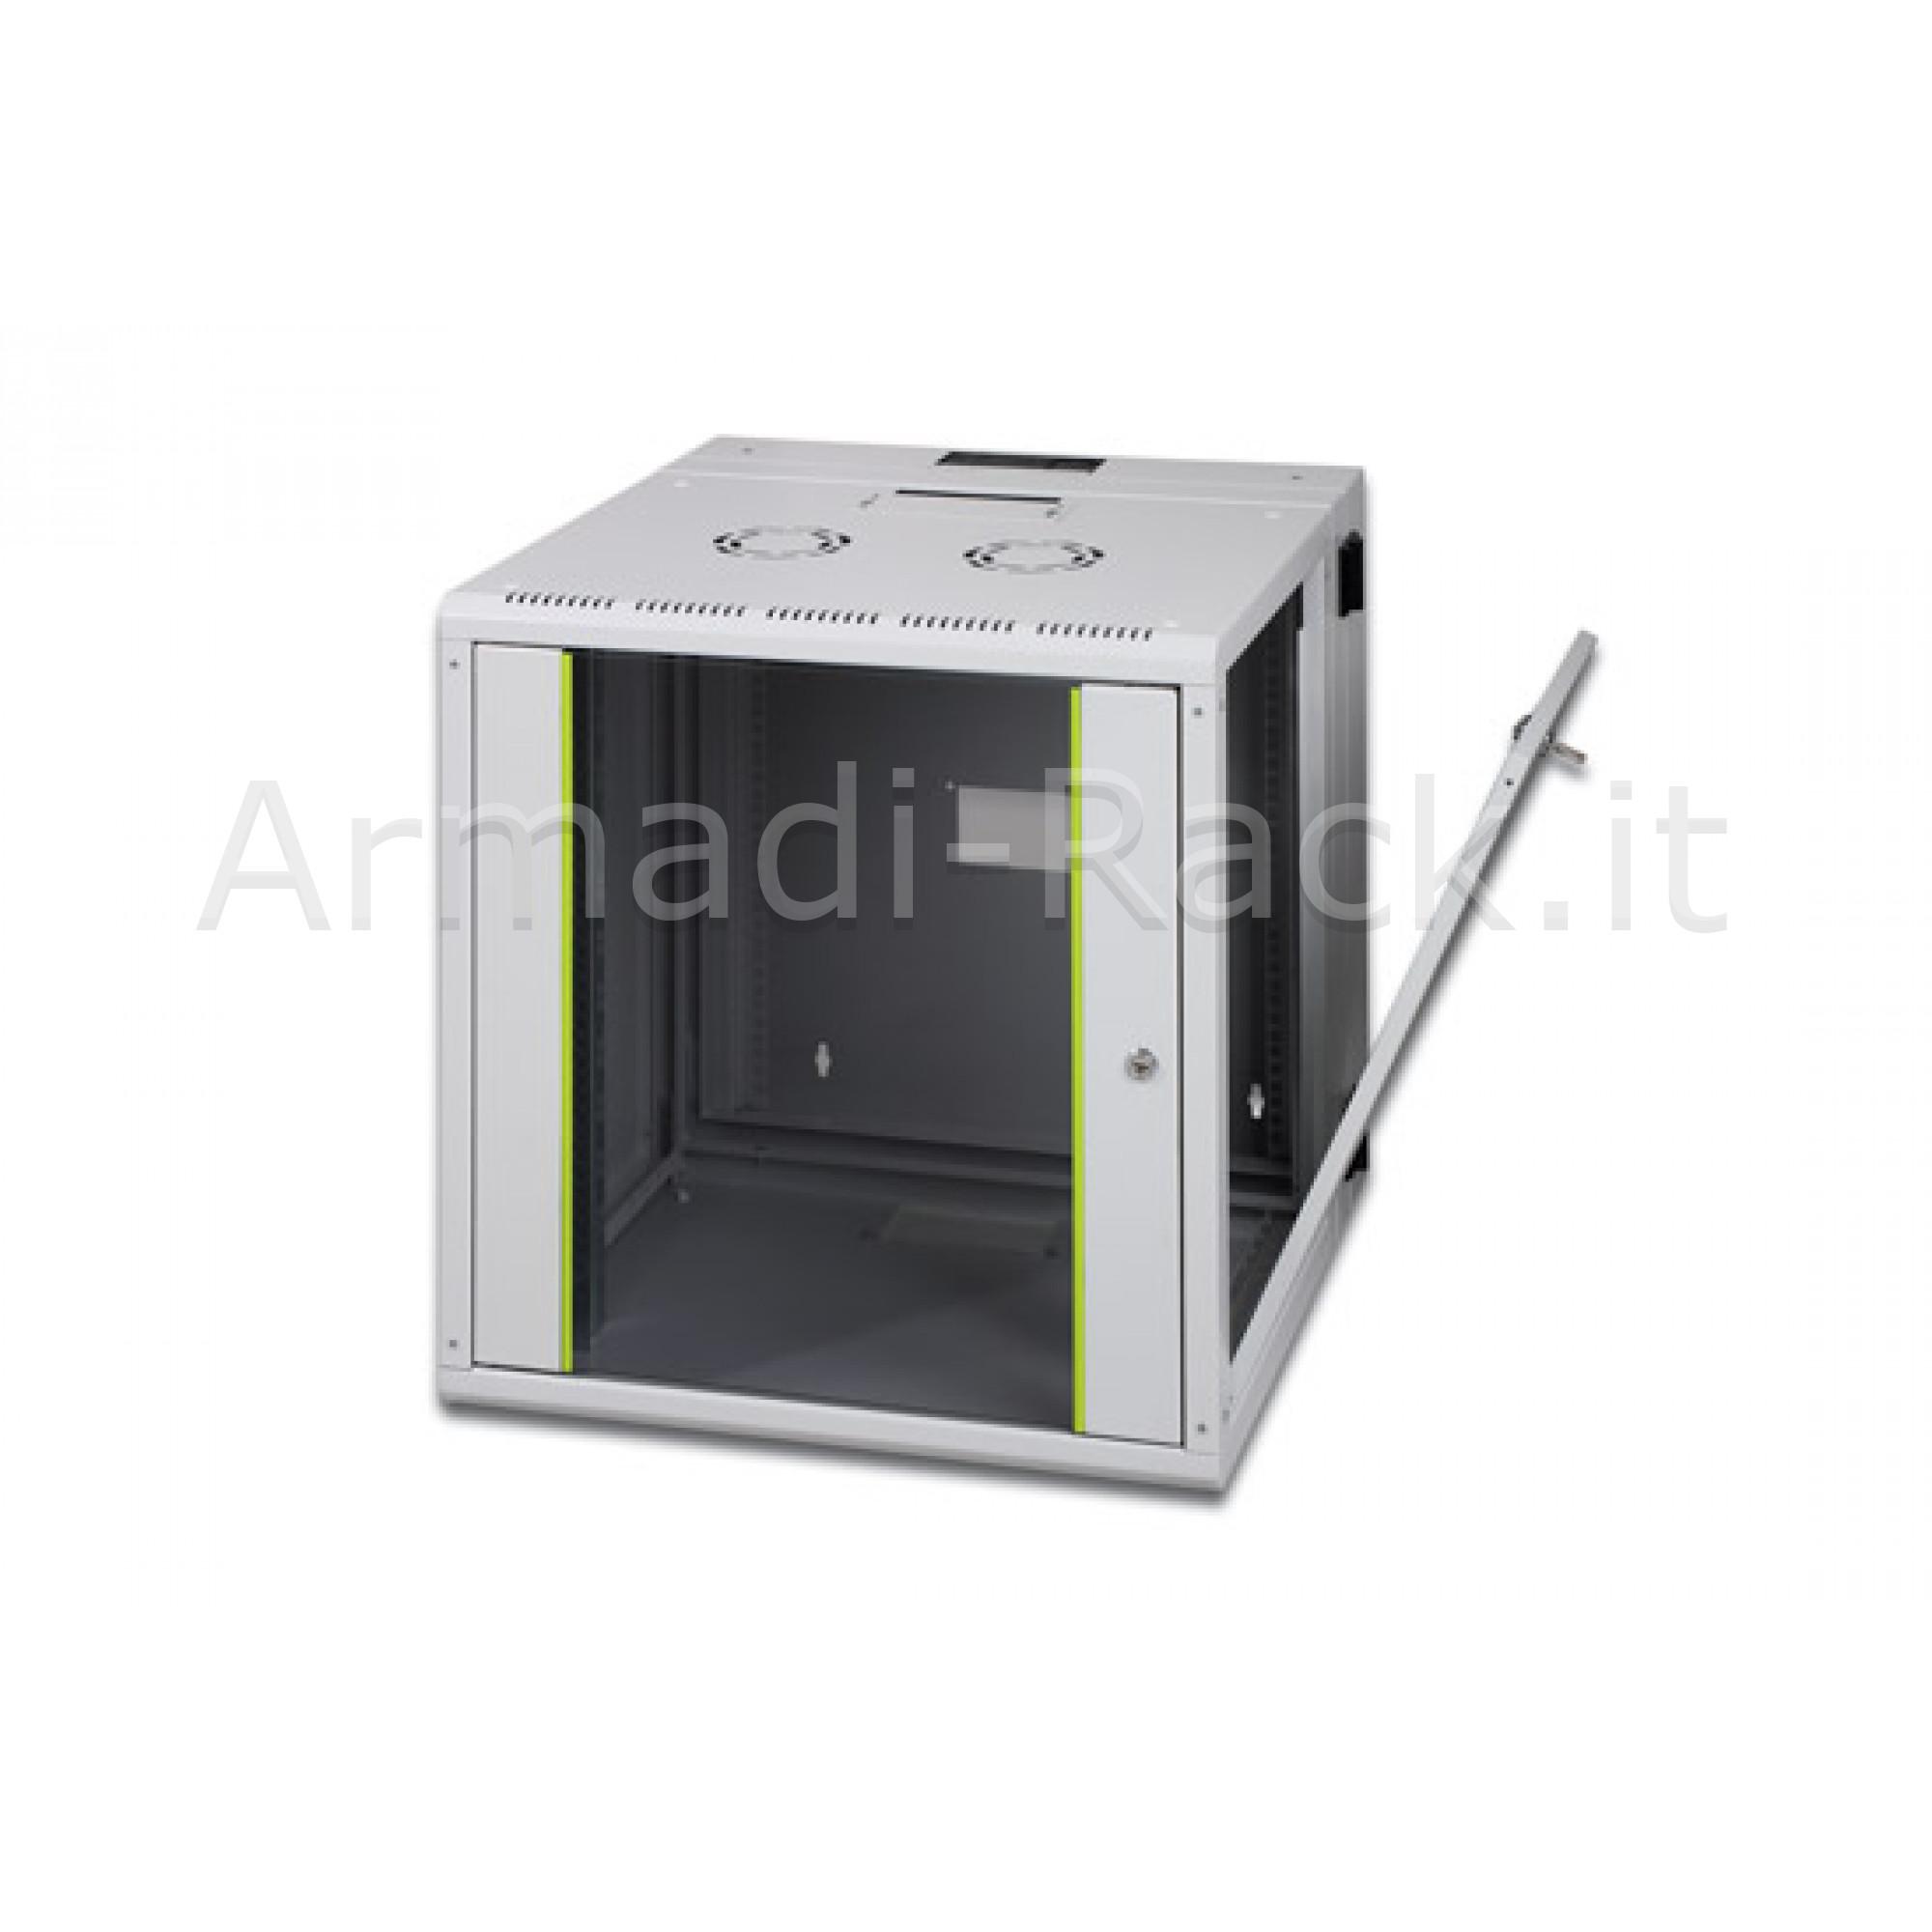 Armadio rack 12 unità da muro linea soho (a) 643 x (l) 600 x (p) 600 mm. con doppia sezione colore grigio chiaro ral 7035